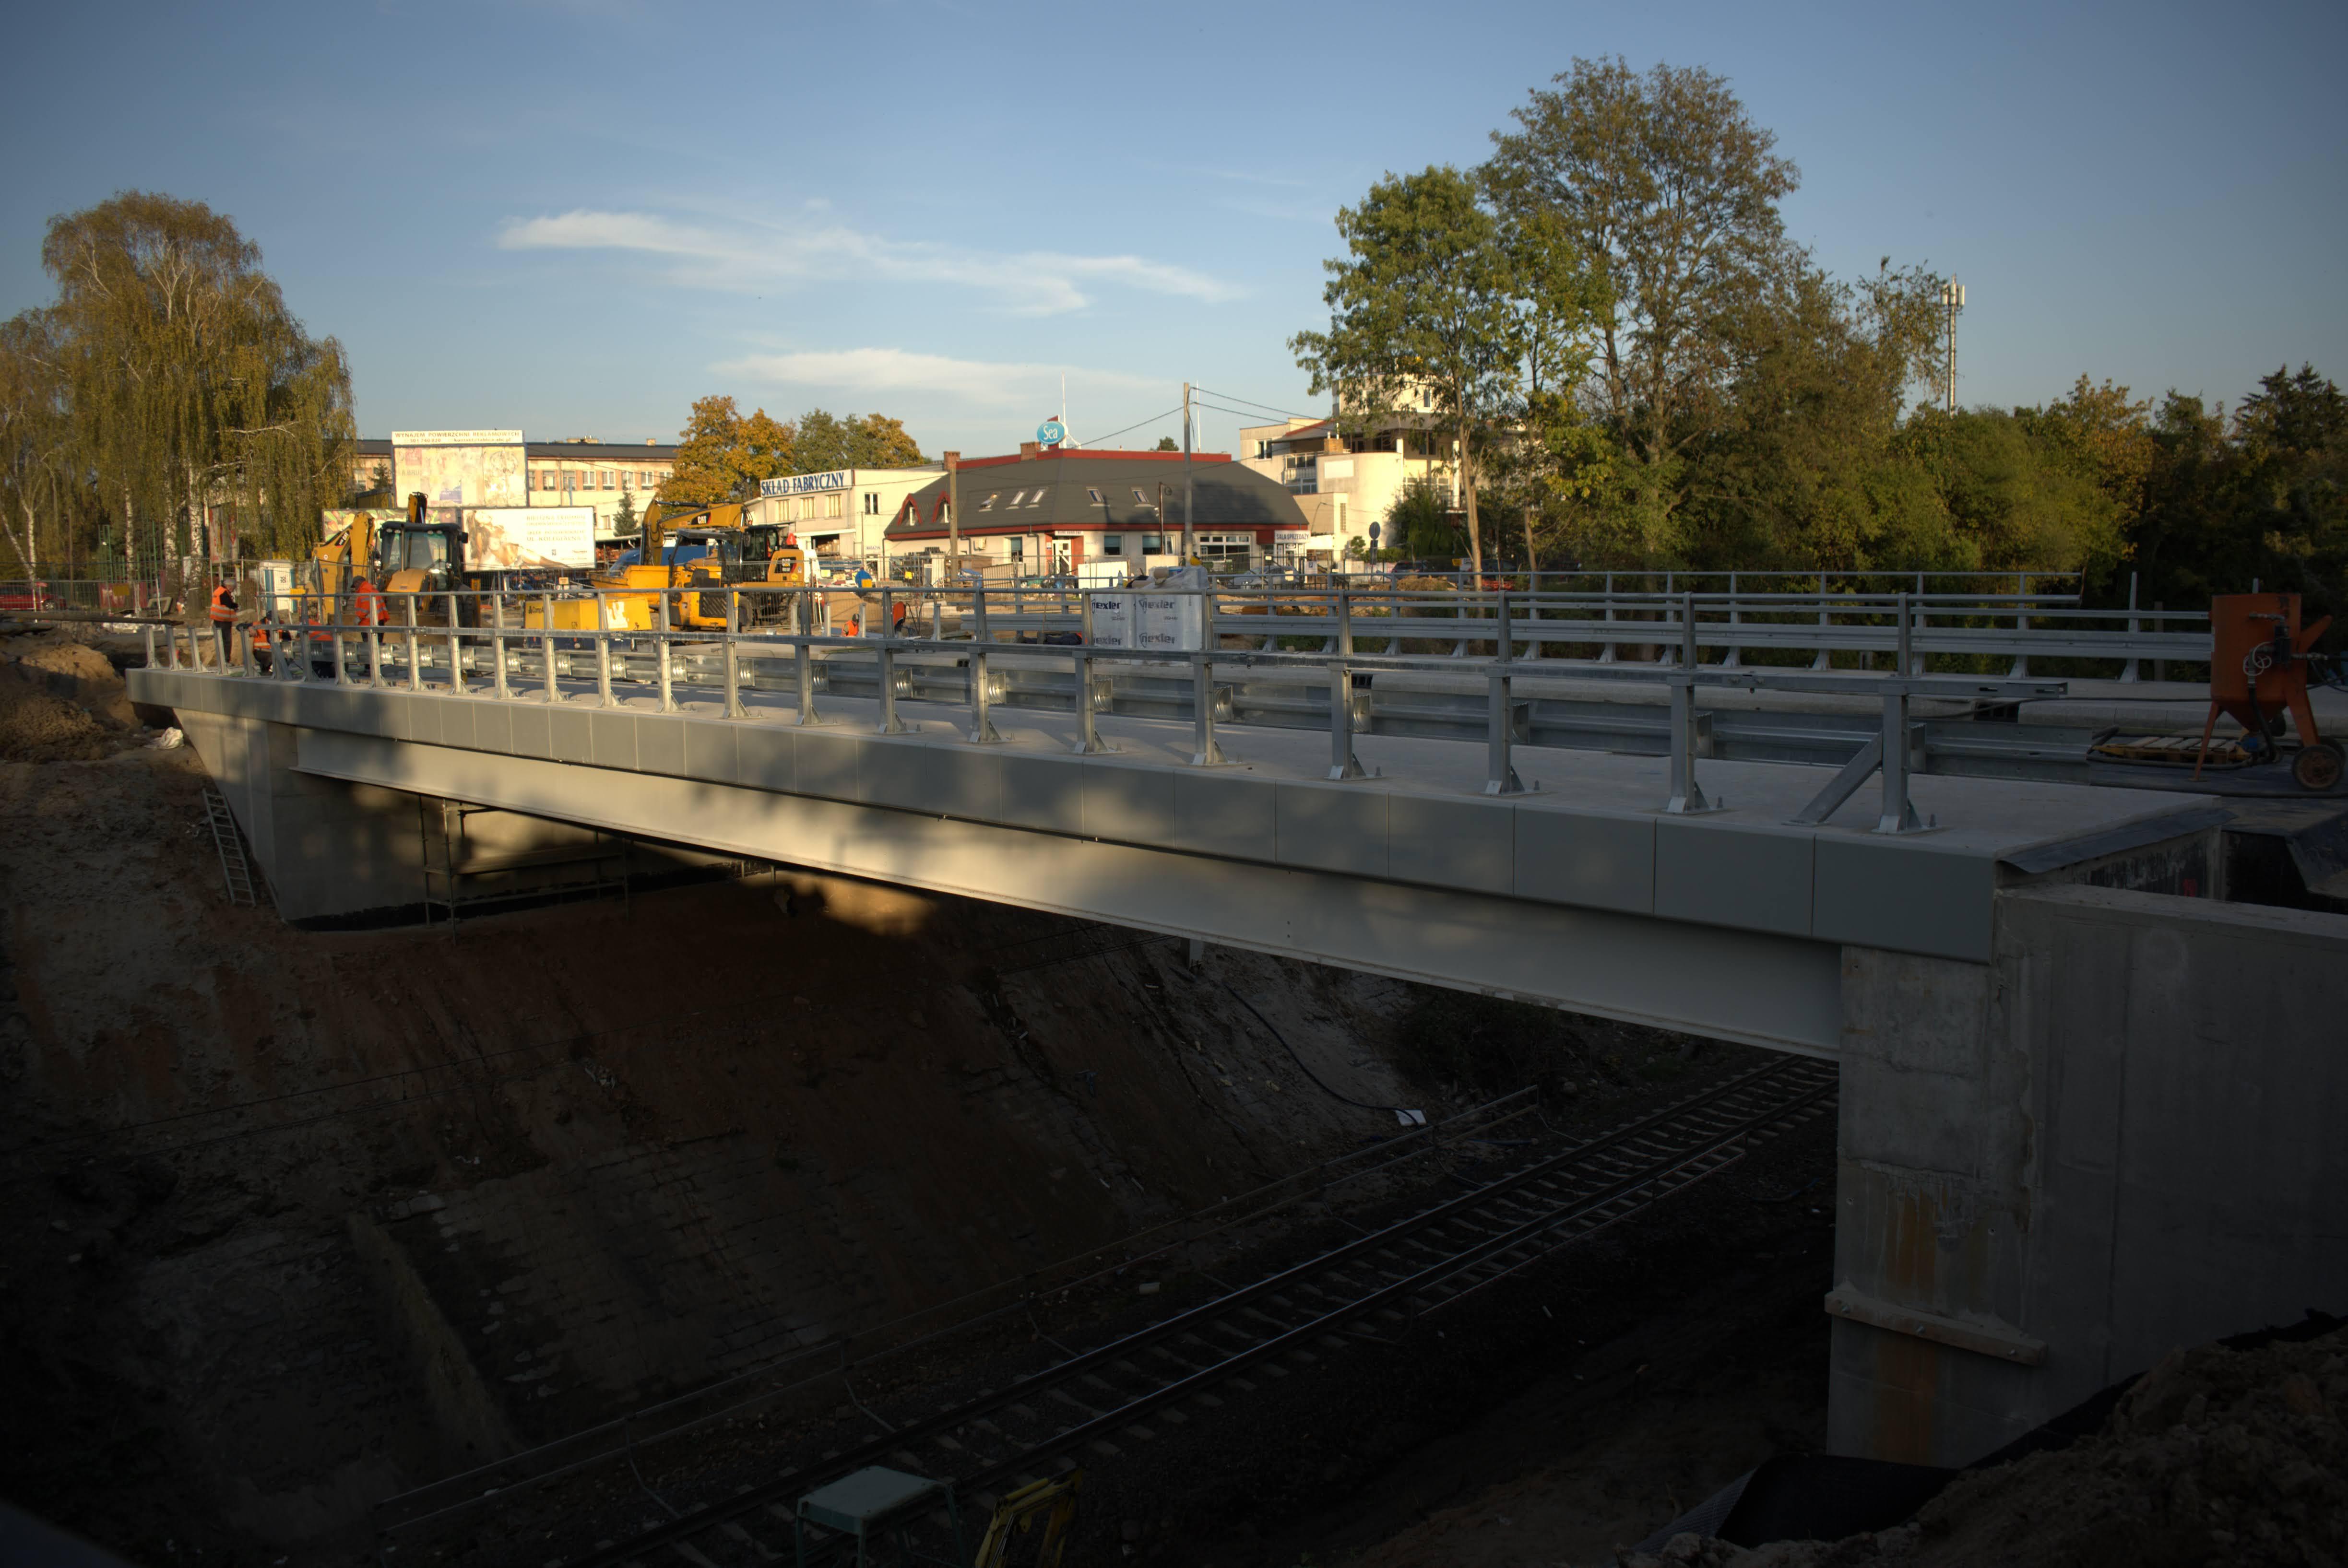 Nowy obiekt inżynieryjny nad linią kolejową w Płocku (źródło: Jarosław Czerwiński).